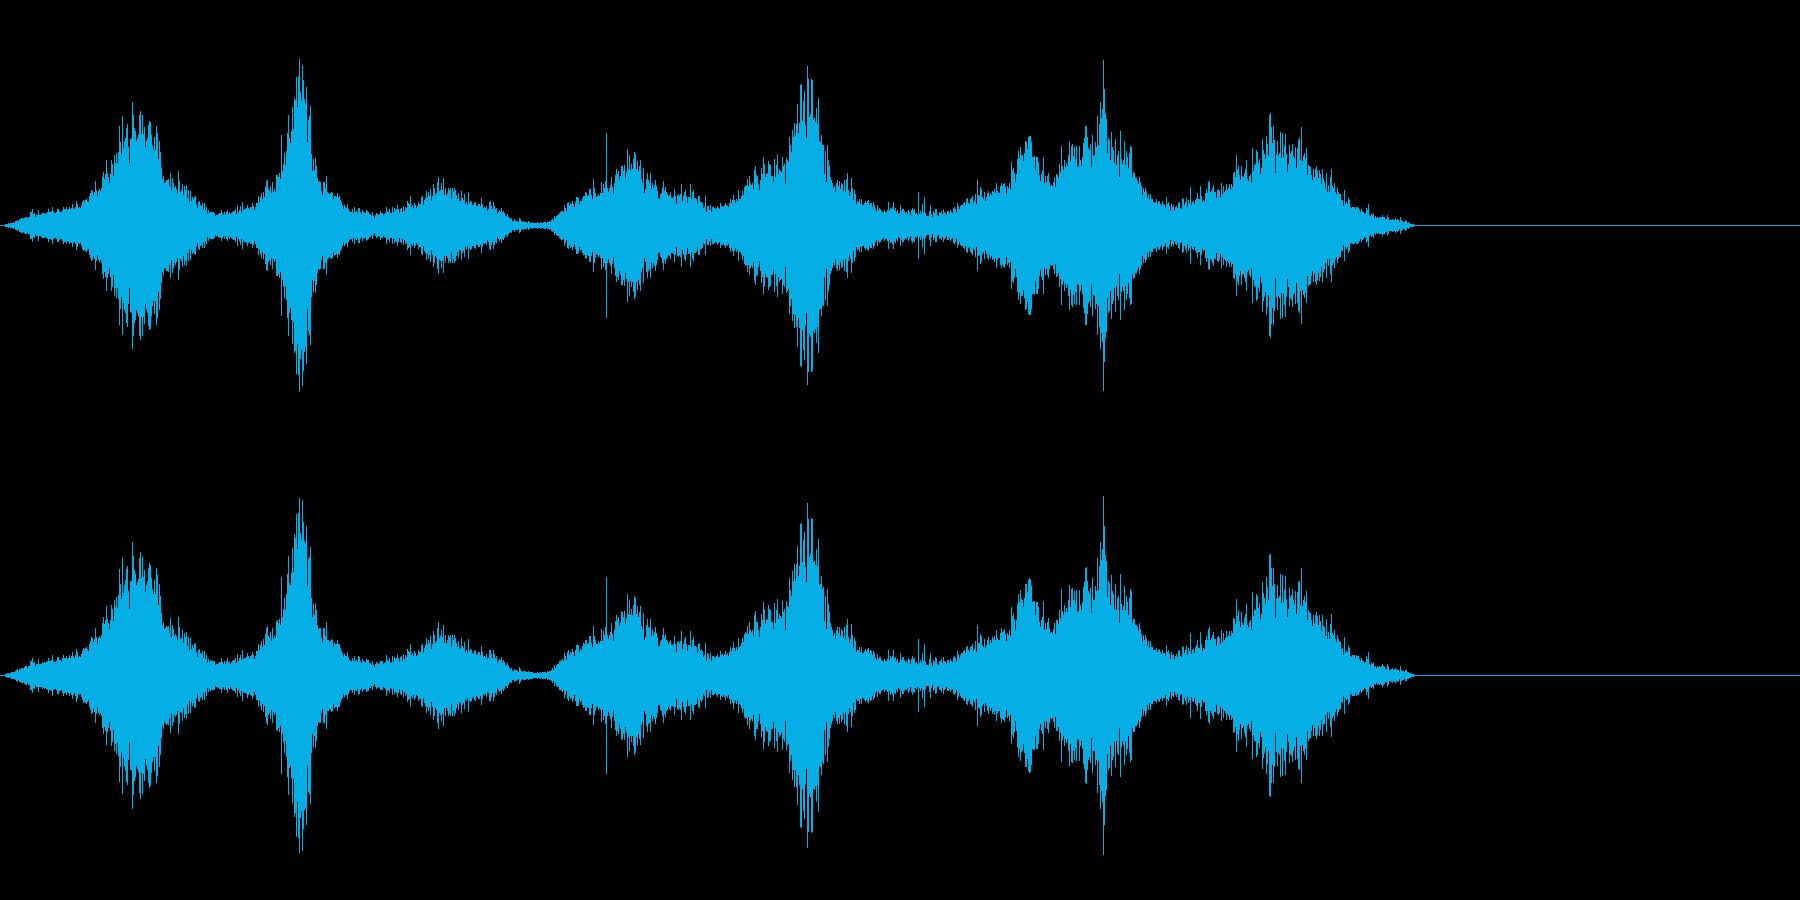 シルク・ナイロン・着替えの再生済みの波形